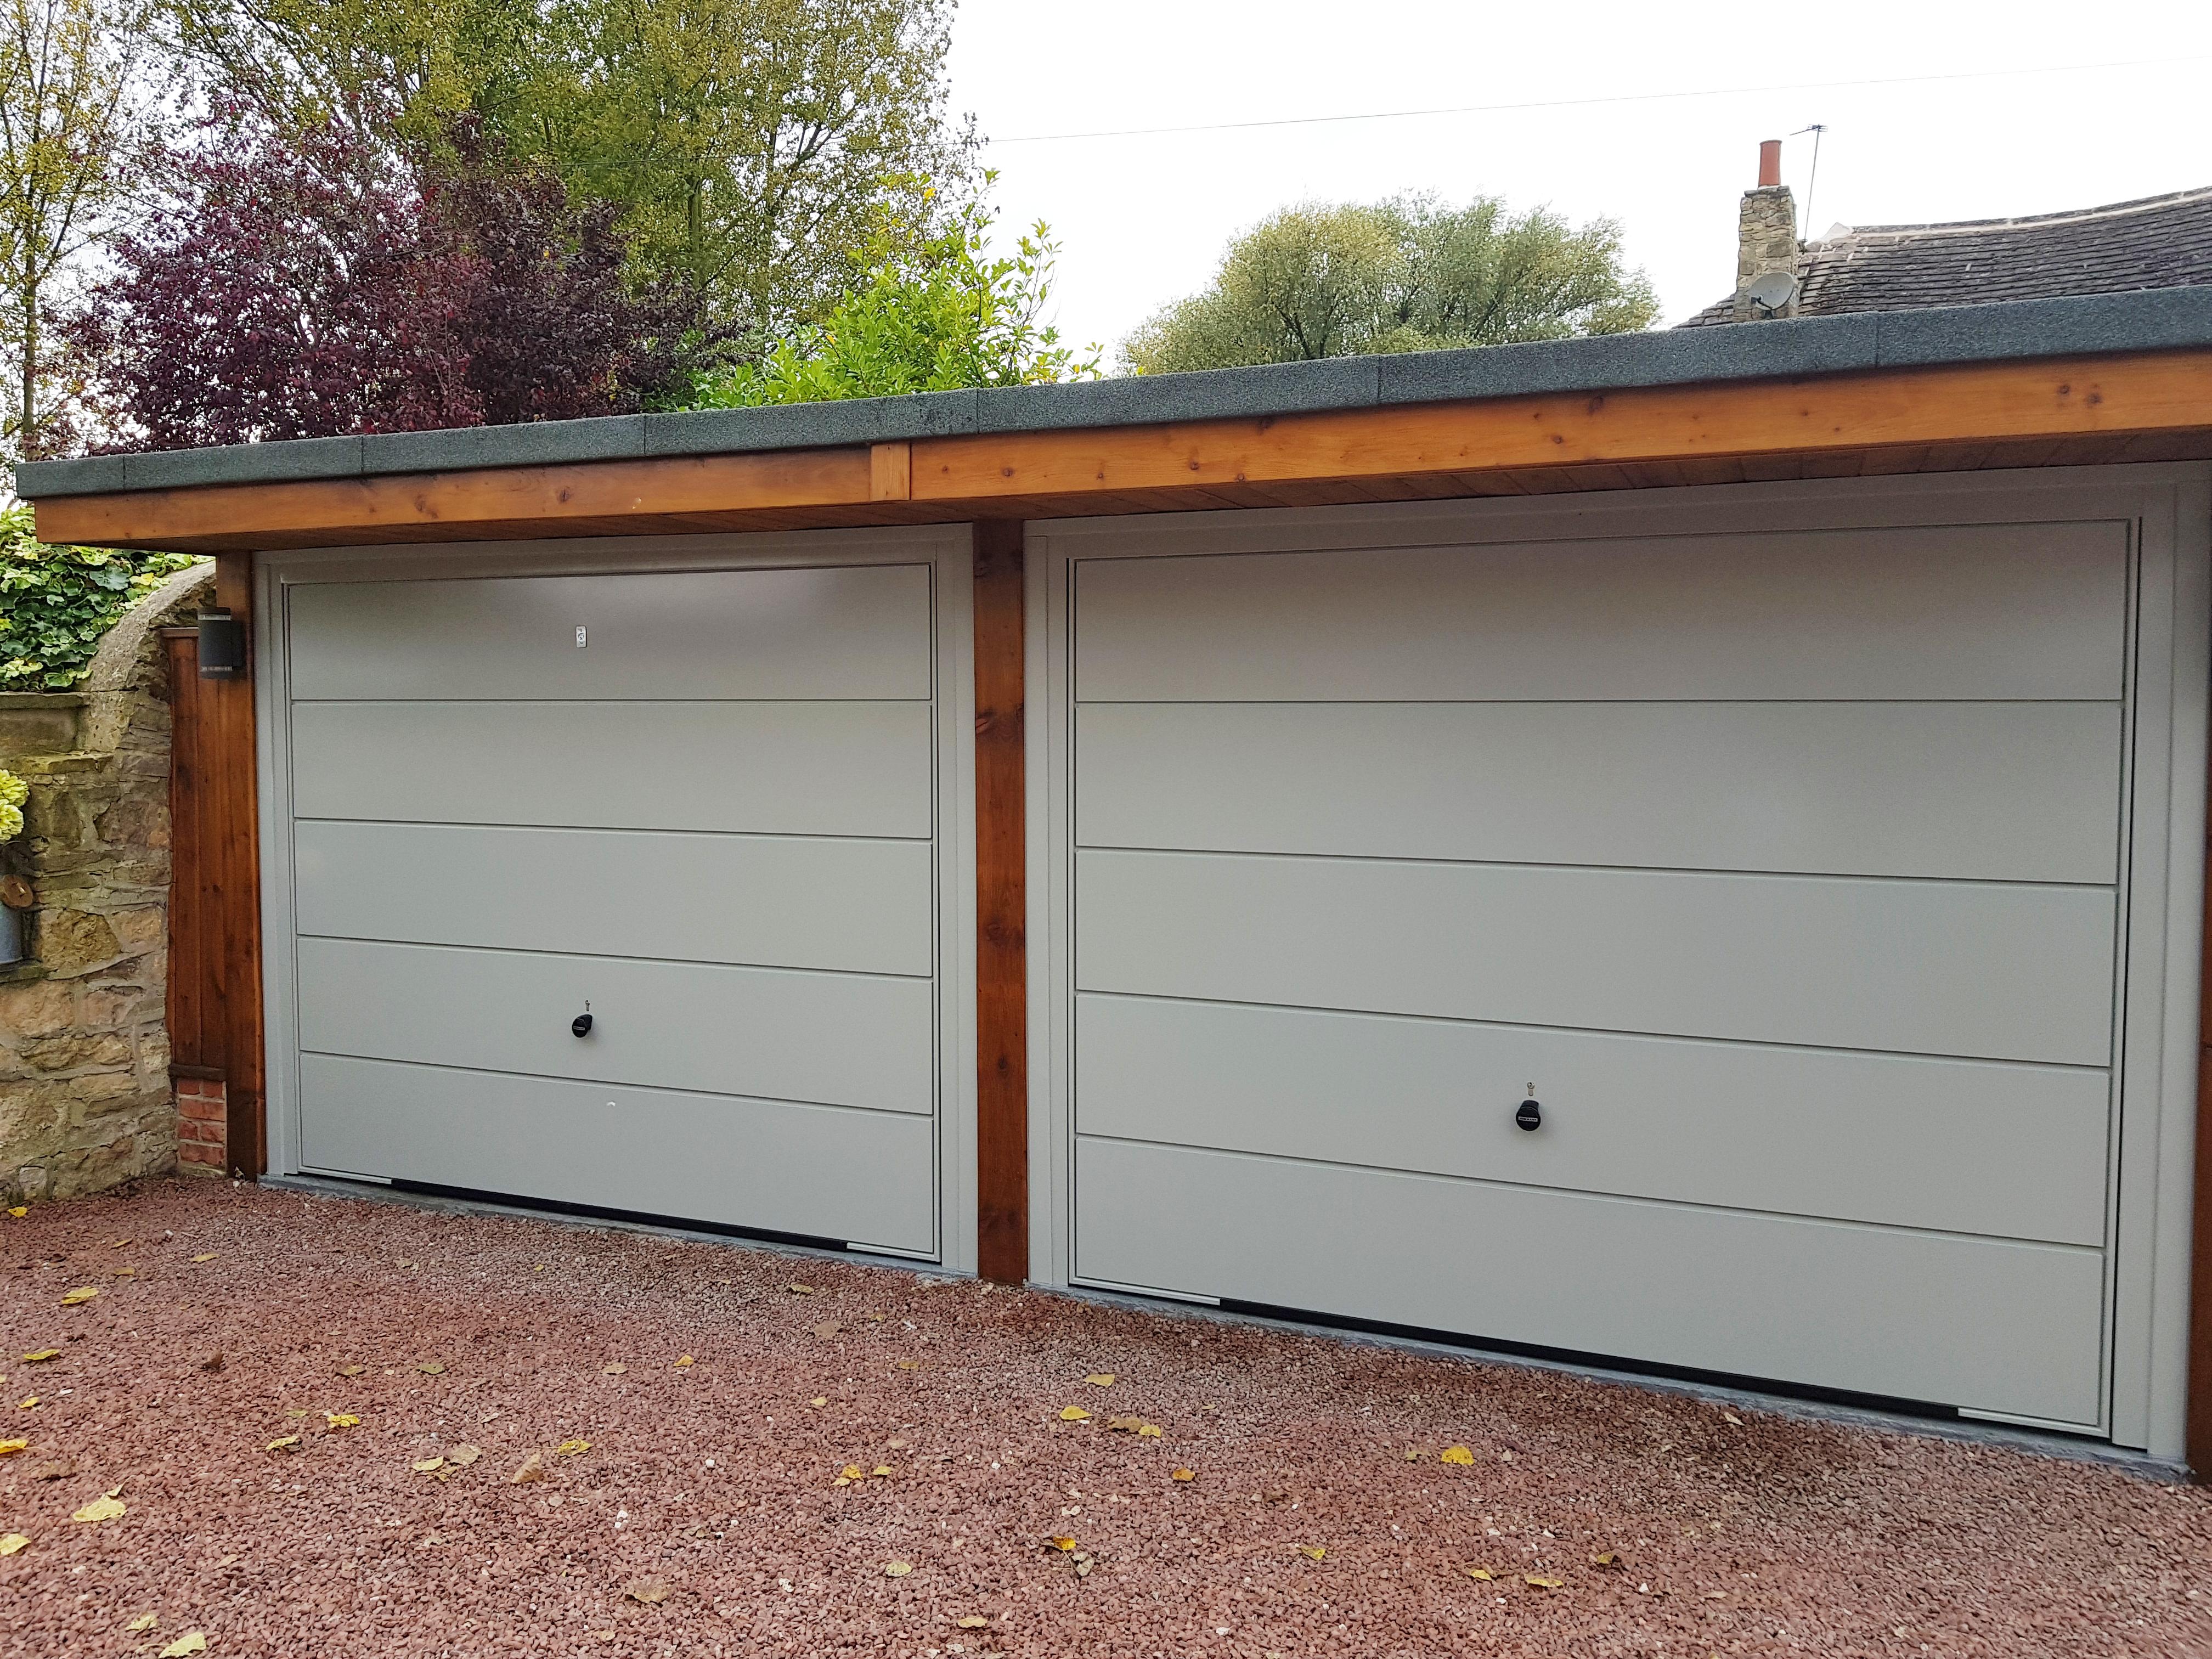 Garage Door Repairs Leeds First Garage Doors Leeds 0113 2820410